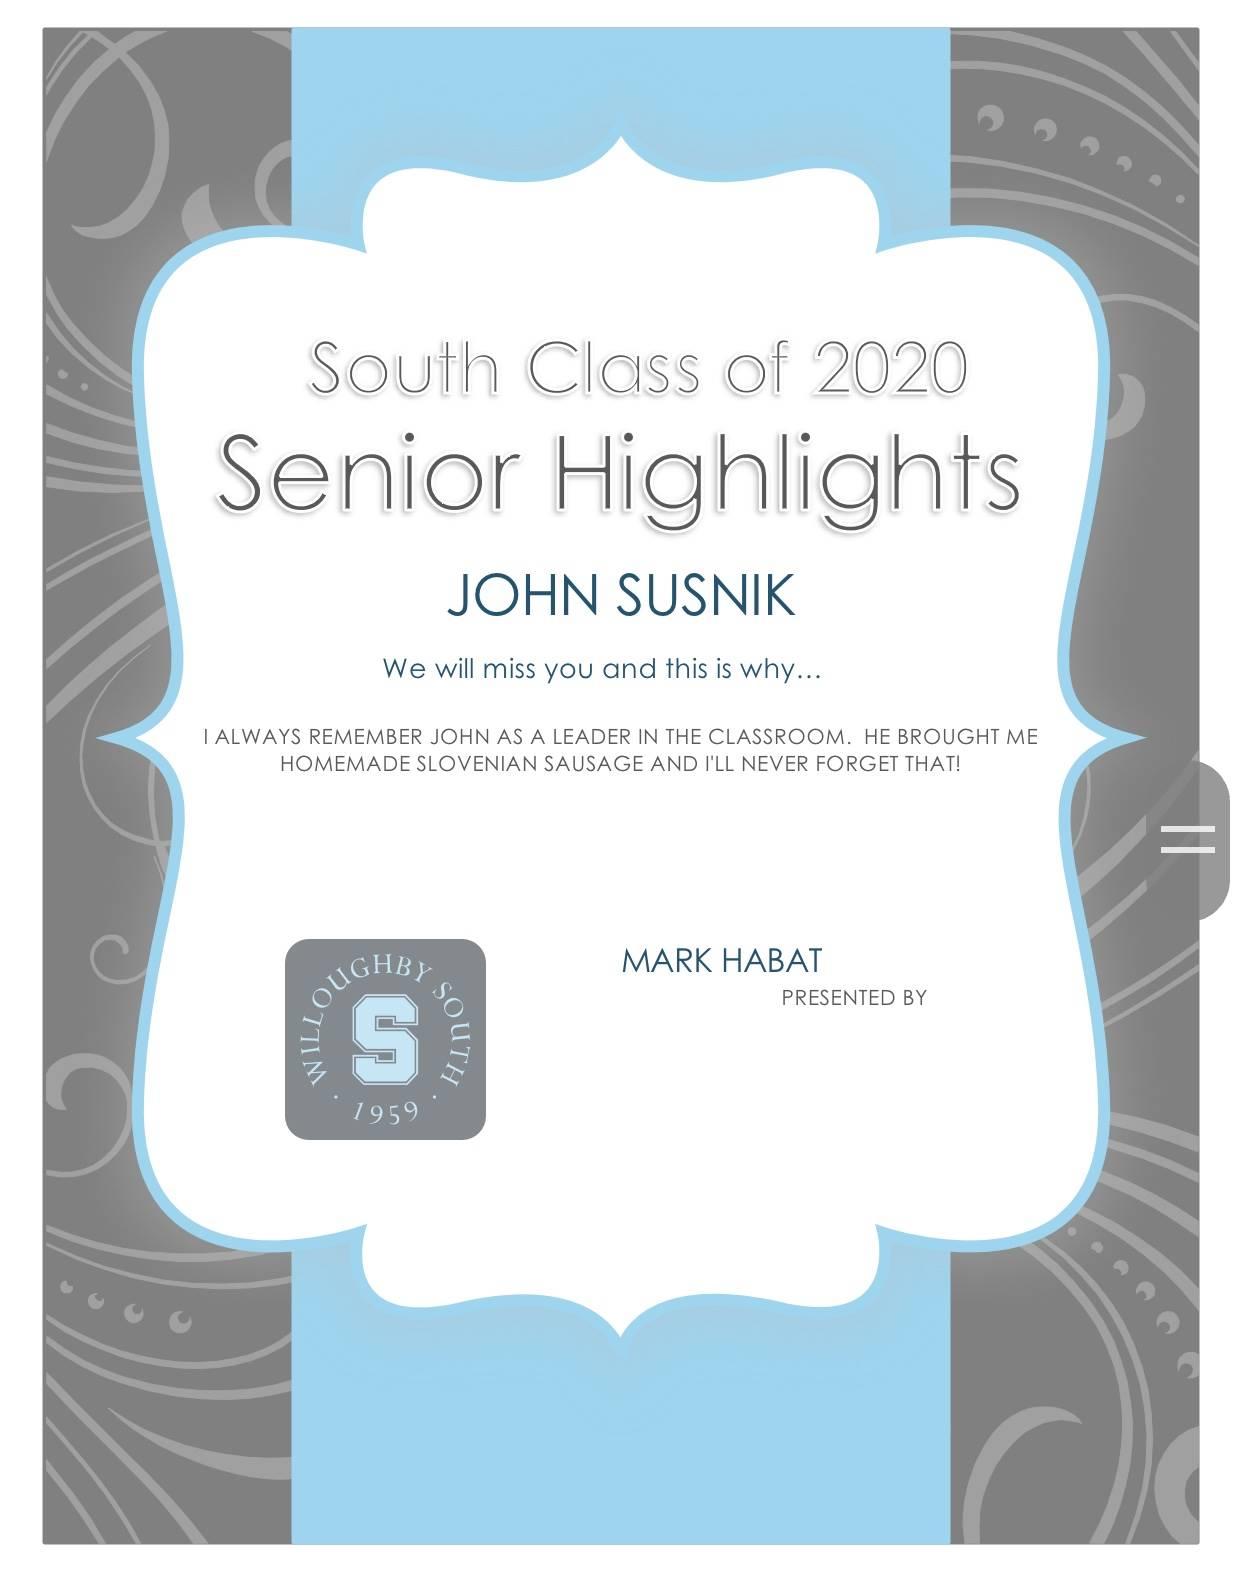 John Susnik